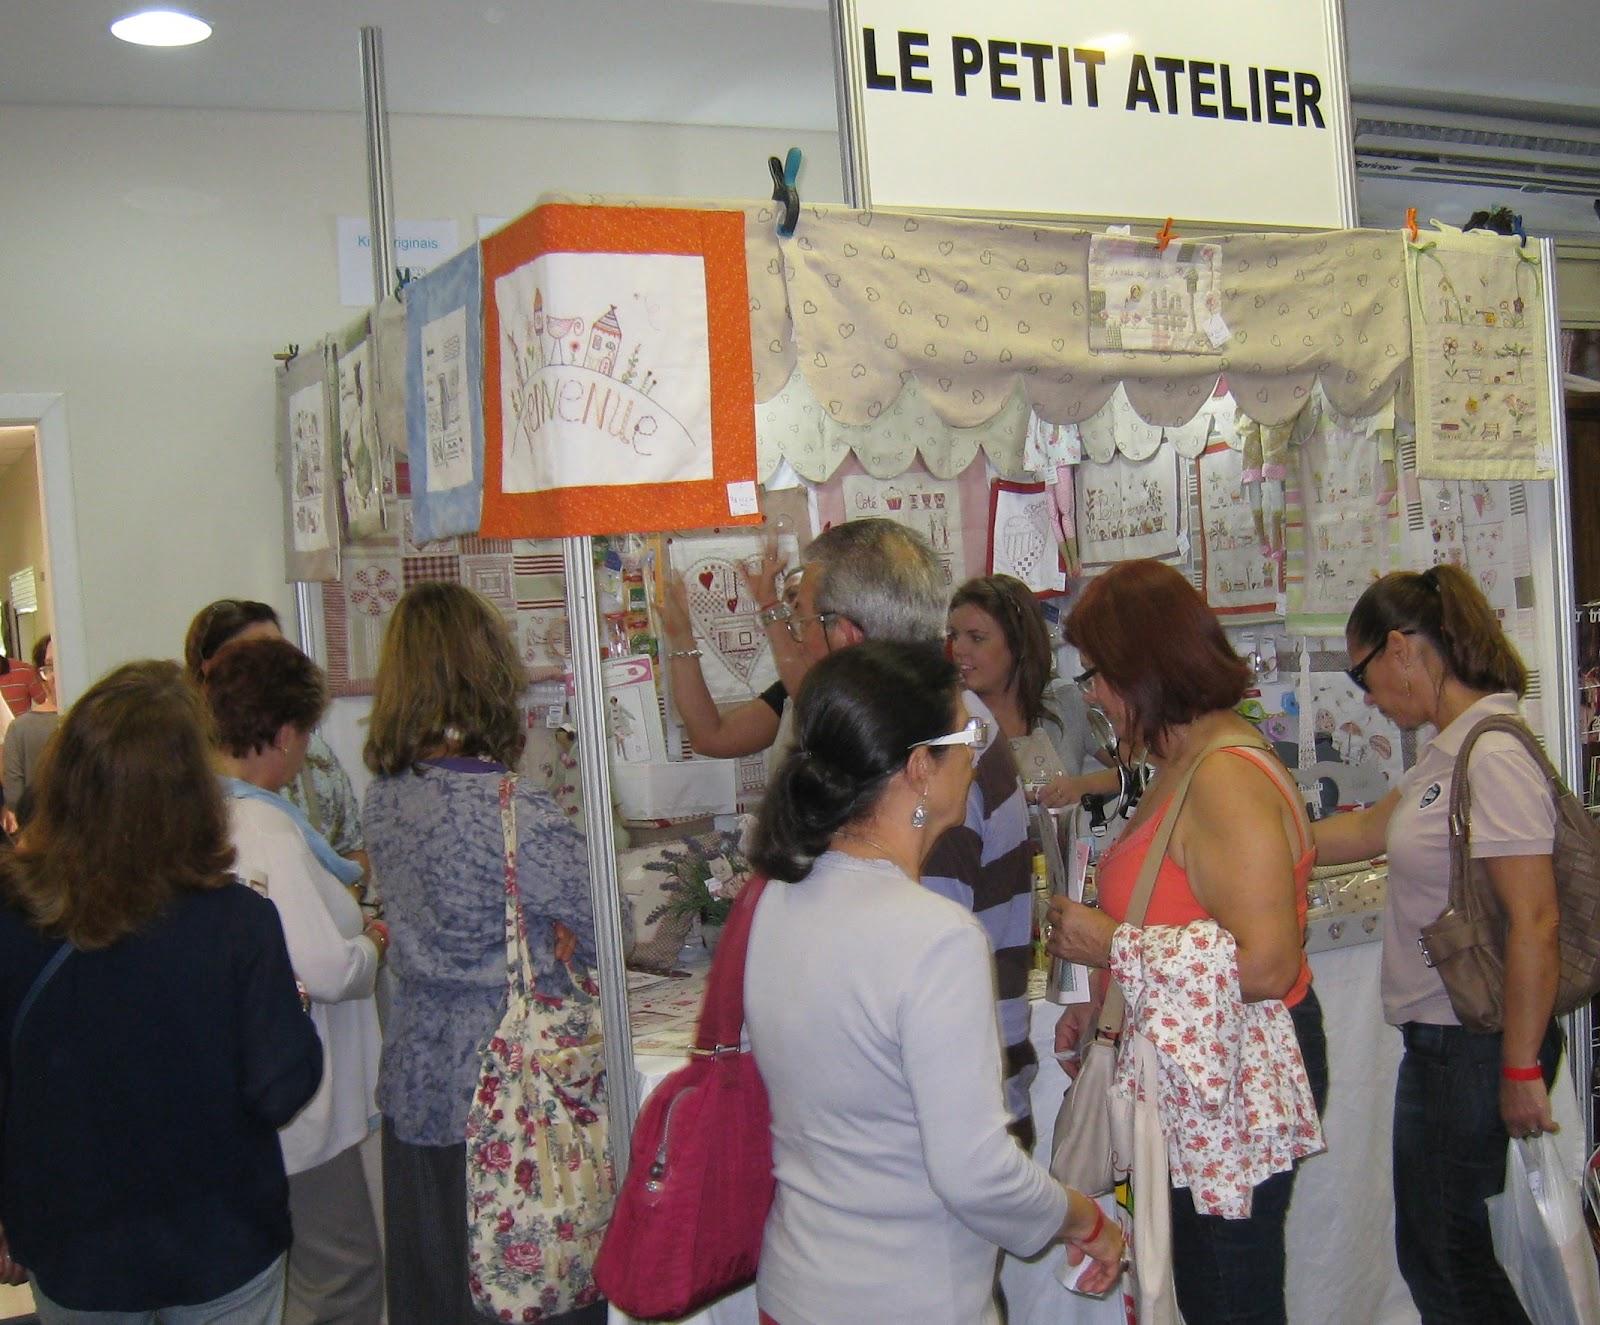 Le petit atelier florian polis floripa quilt for Le petit atelier